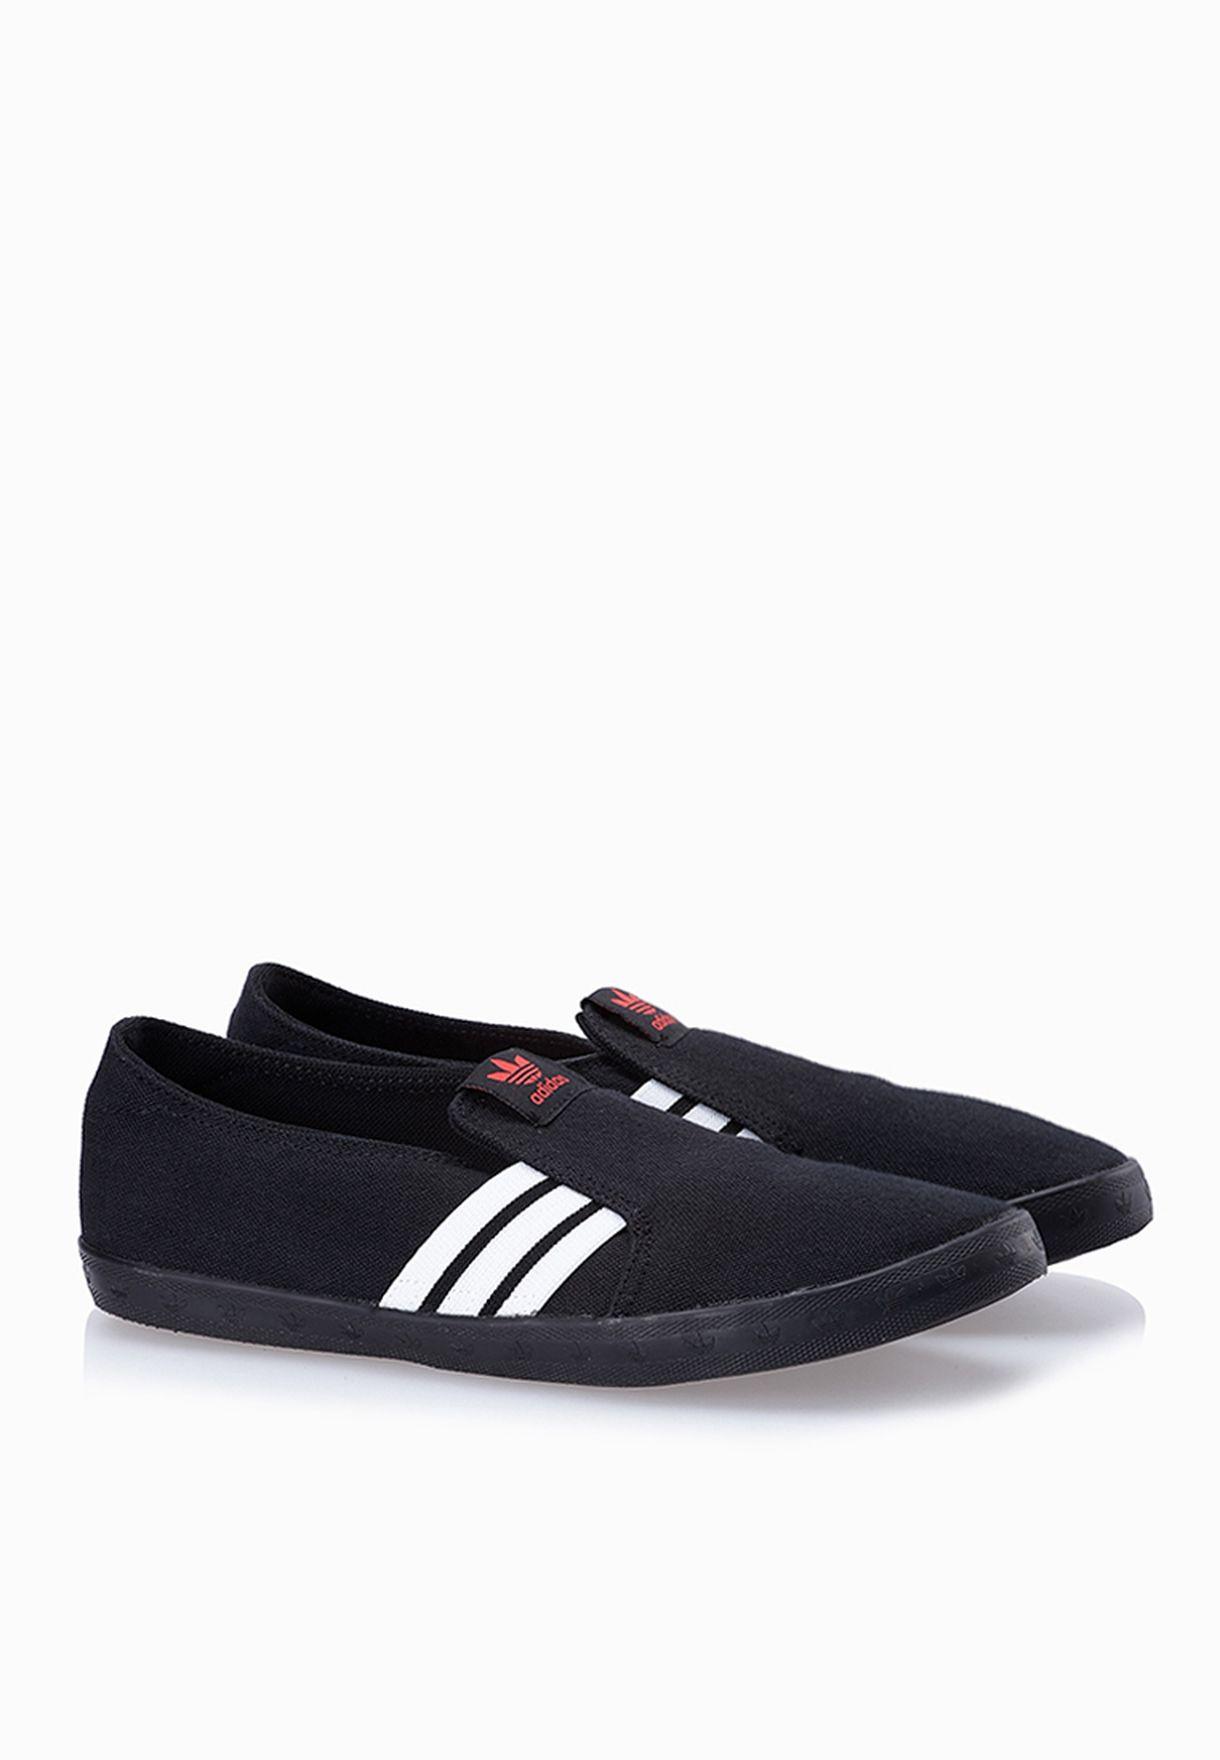 c5998ff46731 Shop adidas Originals black Adria PS Slip On S81398 for Women in UAE ...